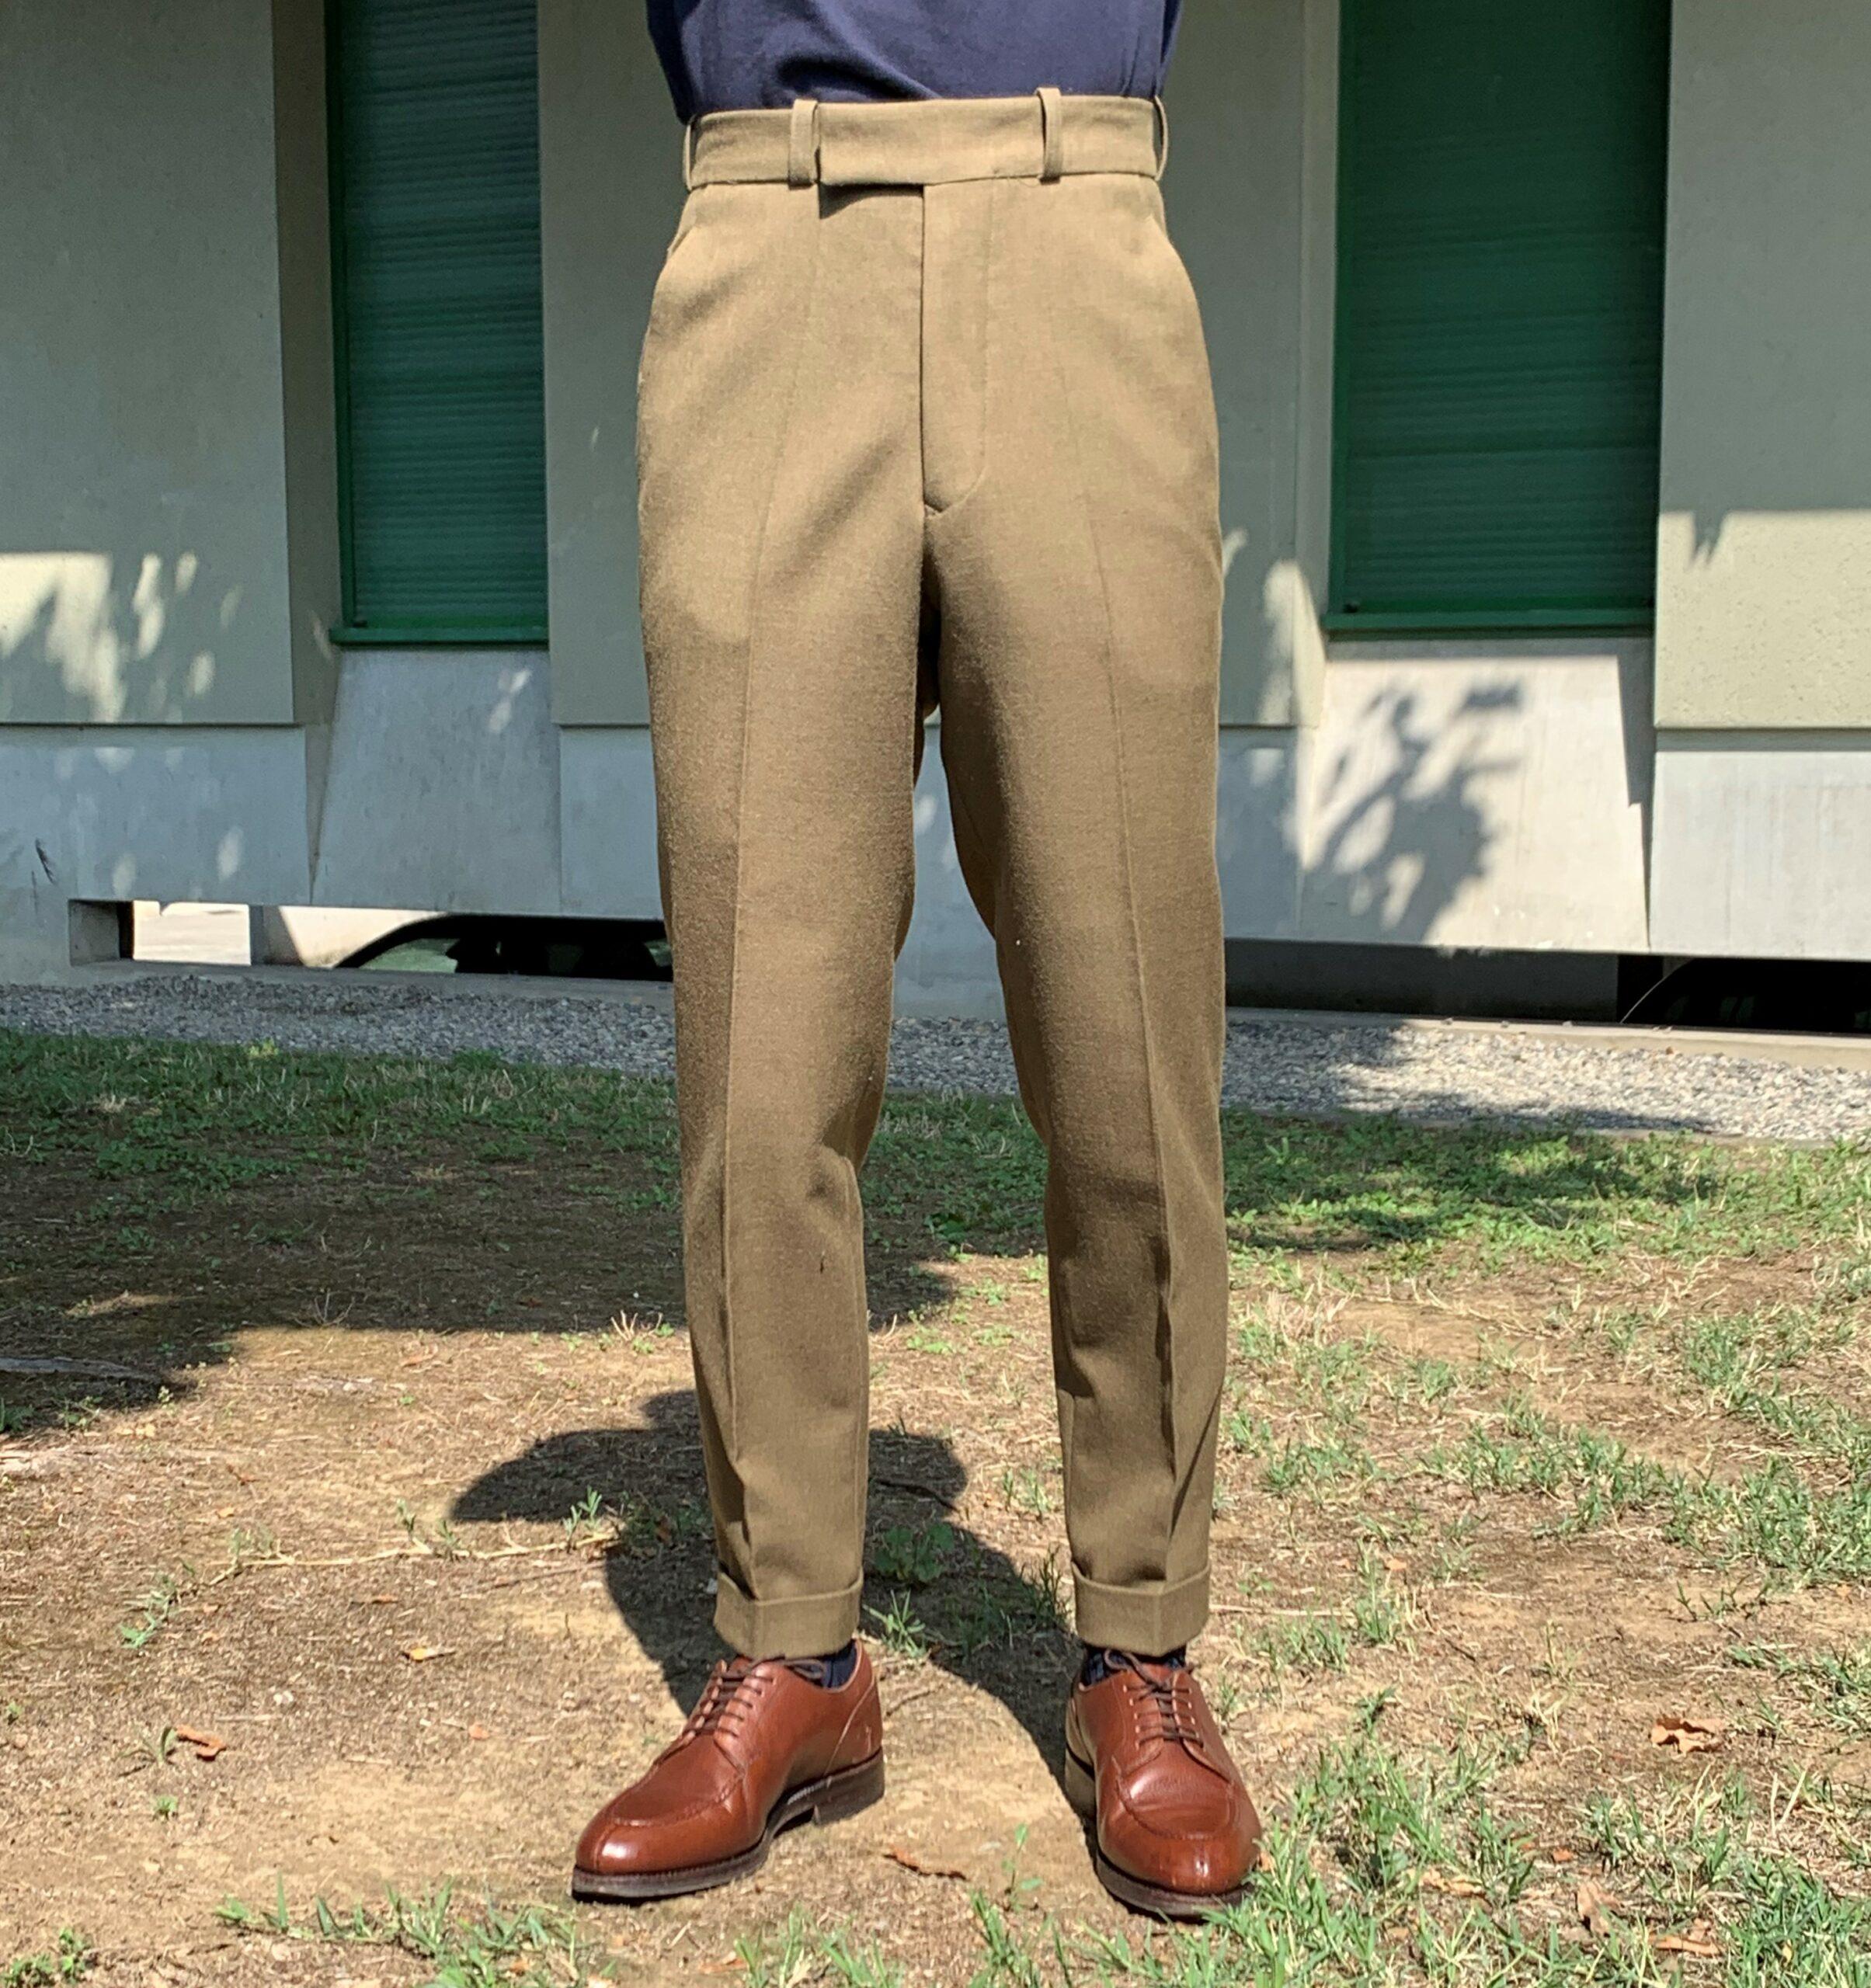 Le même pantalon après quelques retouches. Coût des retouches : 20€.